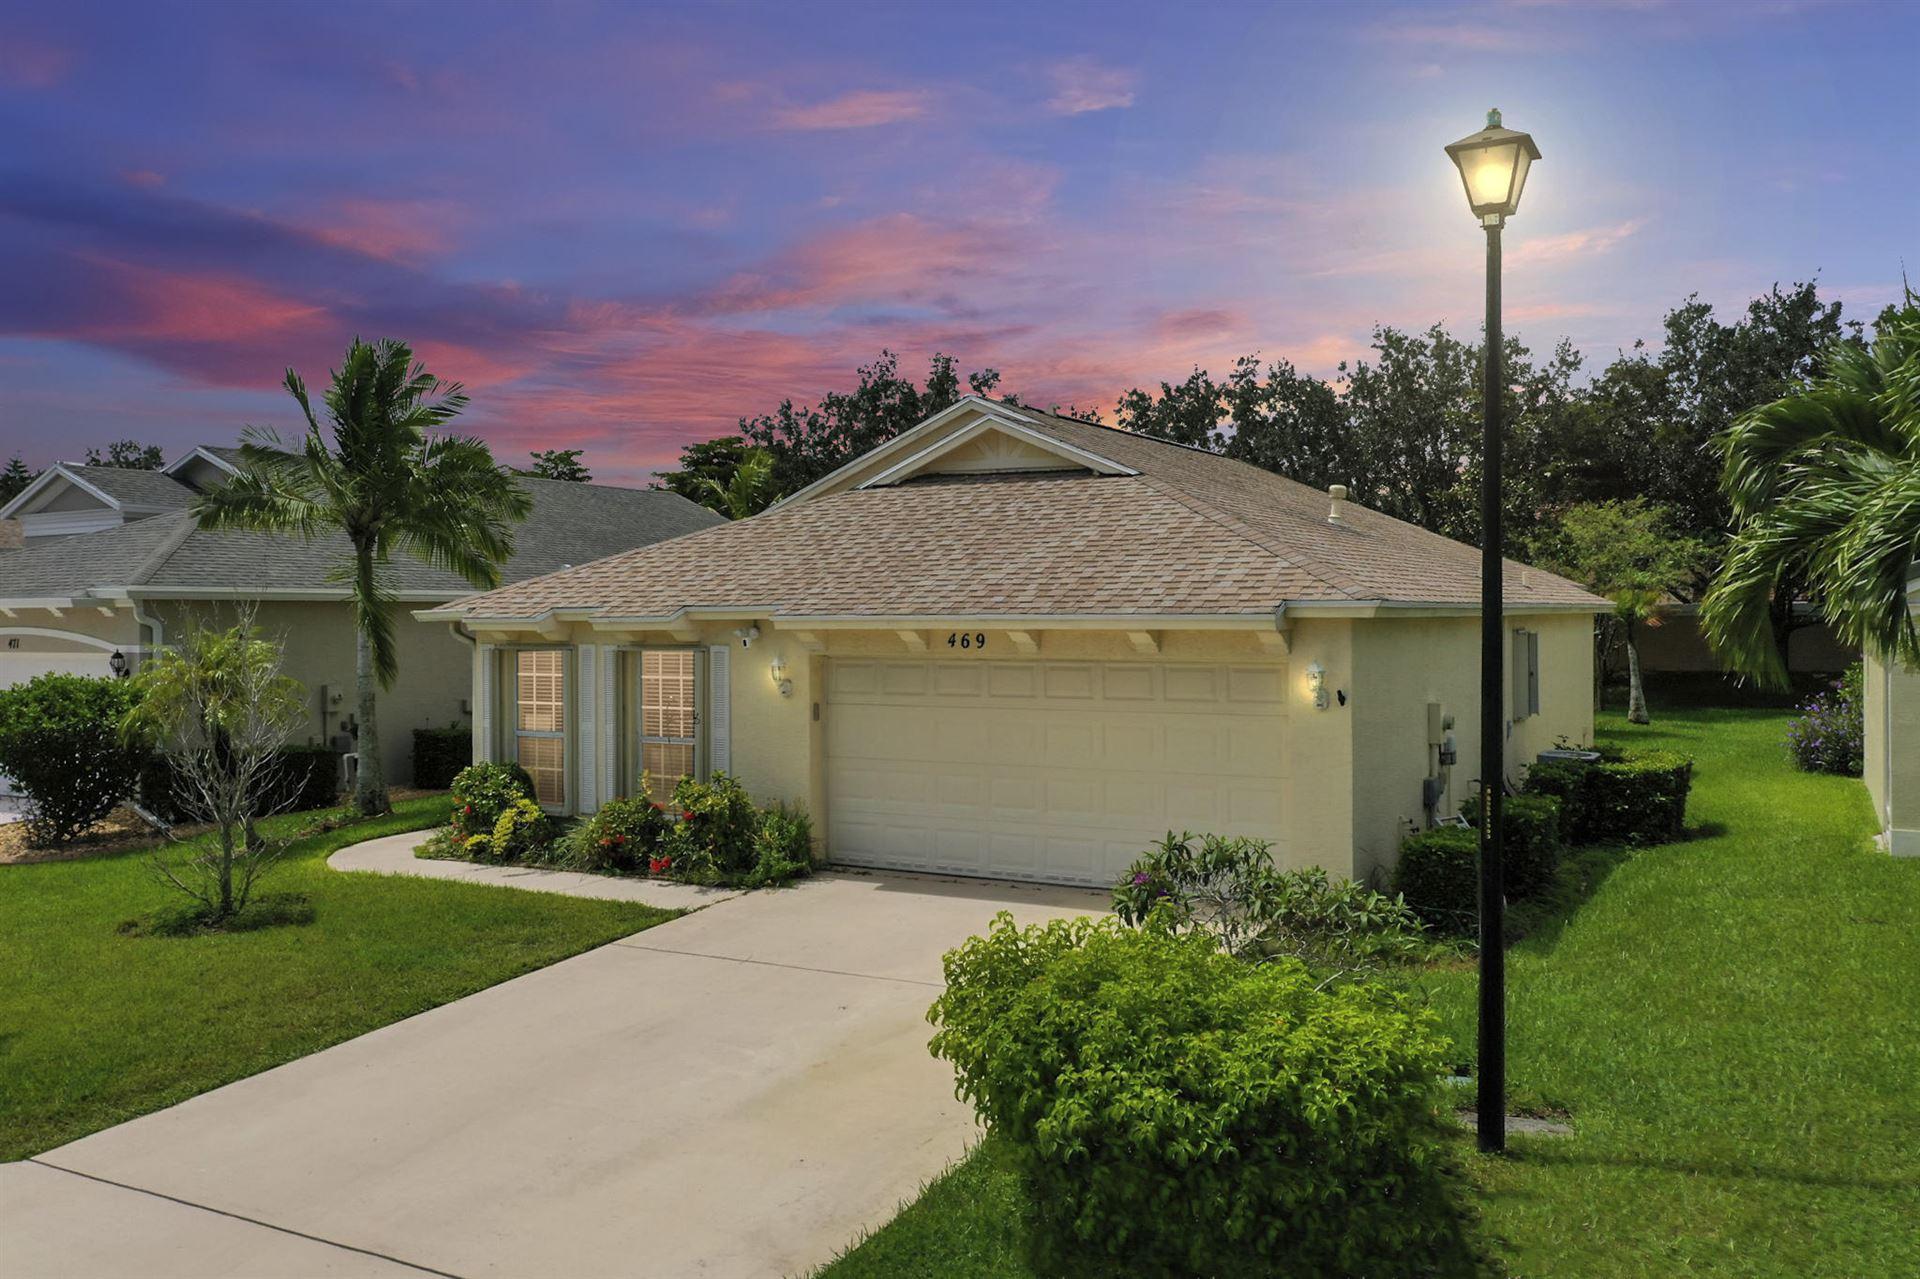 469 SW Talquin Lane, Port Saint Lucie, FL 34986 - #: RX-10655549